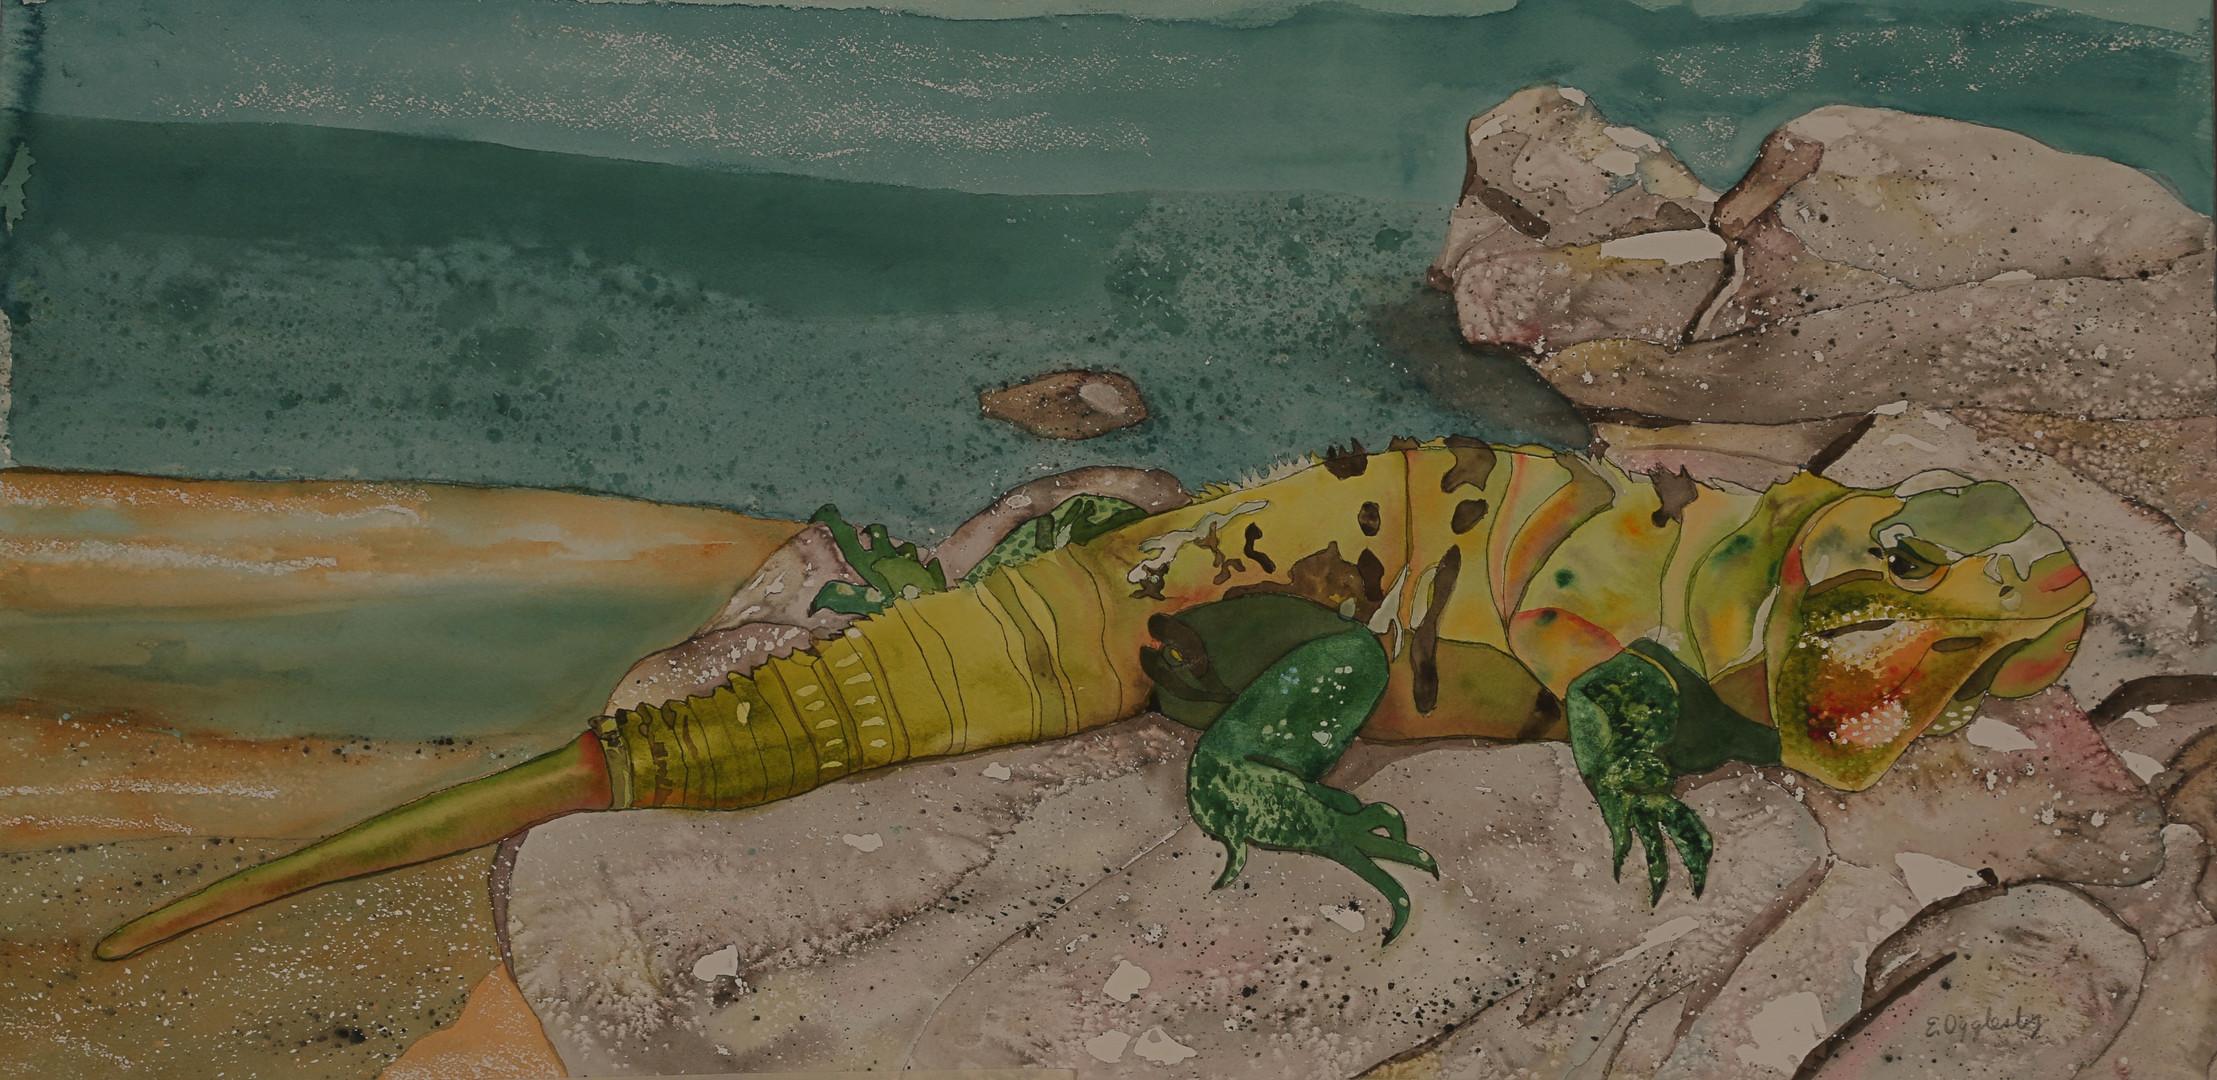 Playa del Carmen Iguana